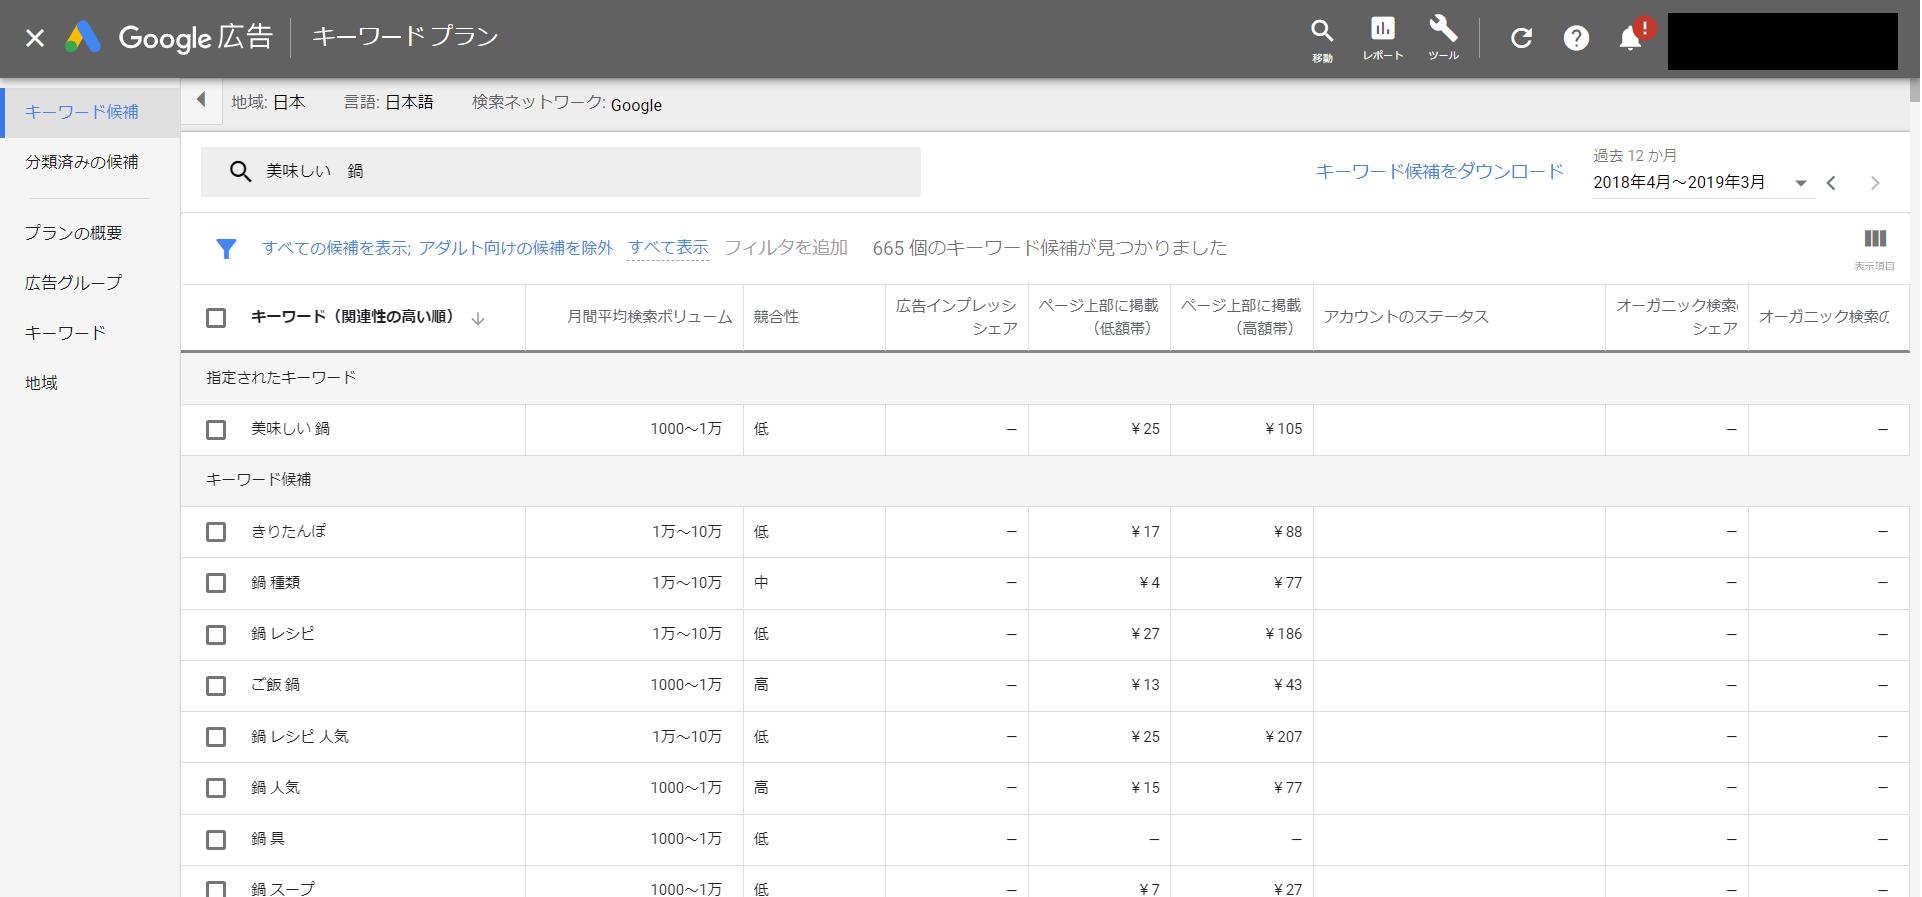 キーワードプランナーの検索結果の例